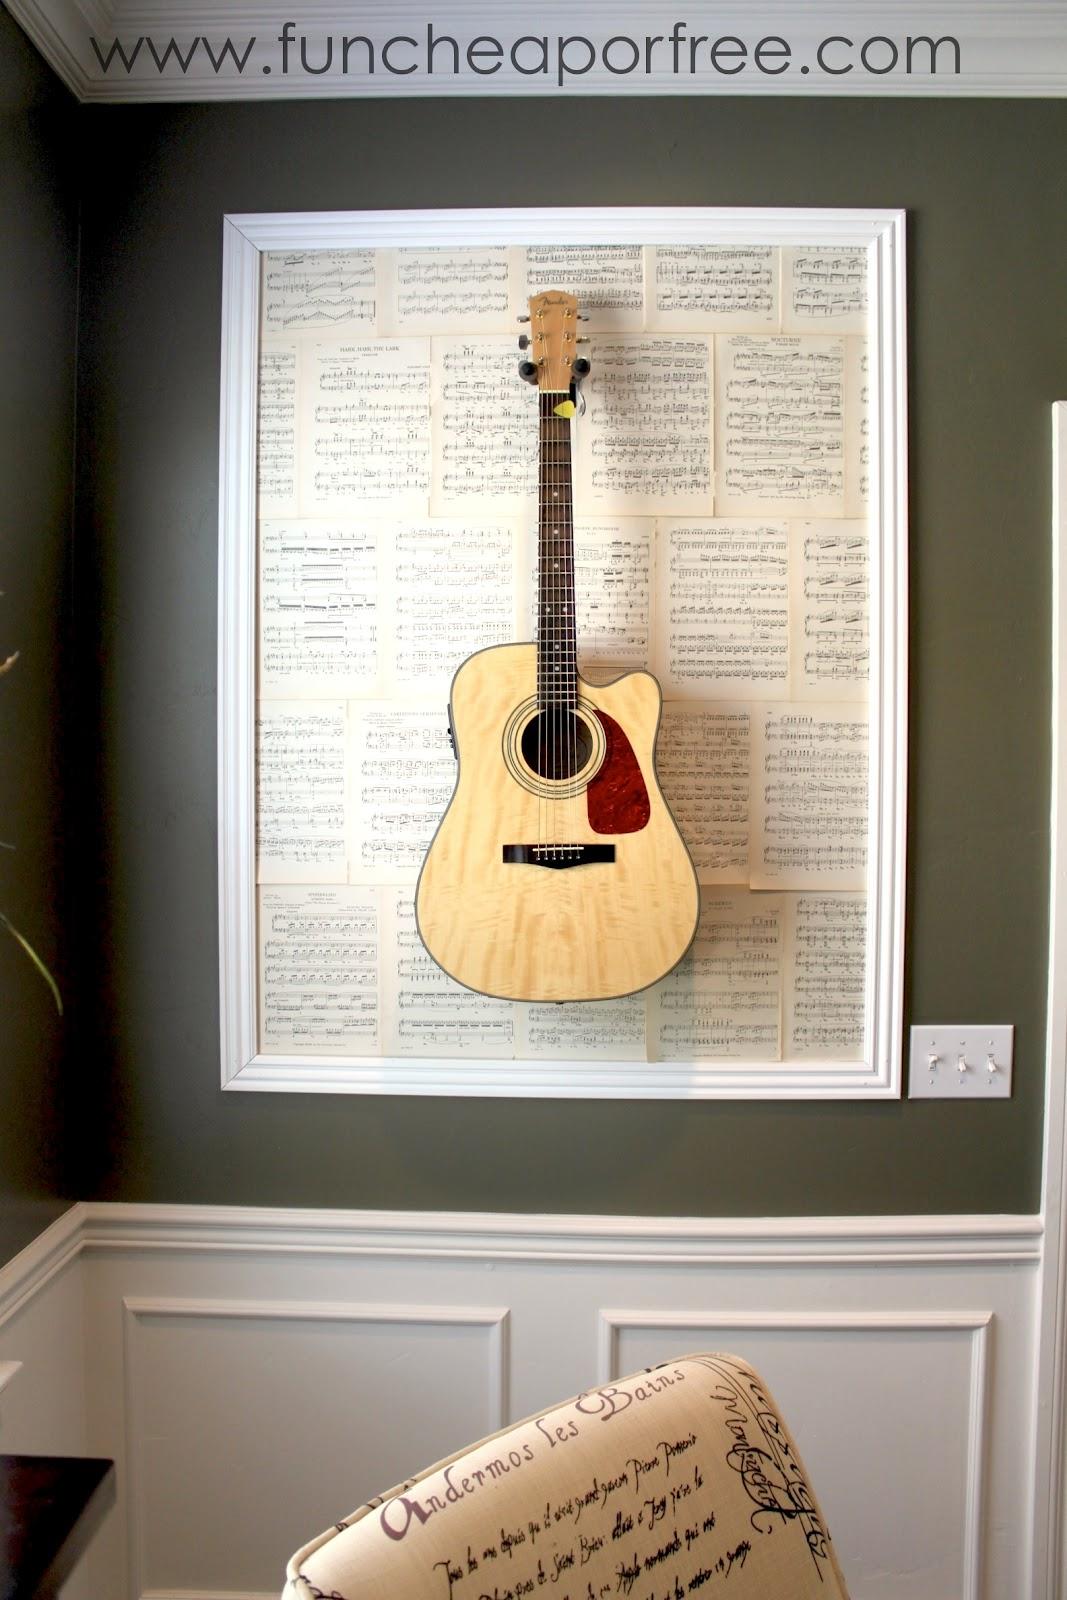 diy framed guitars fun cheap or free